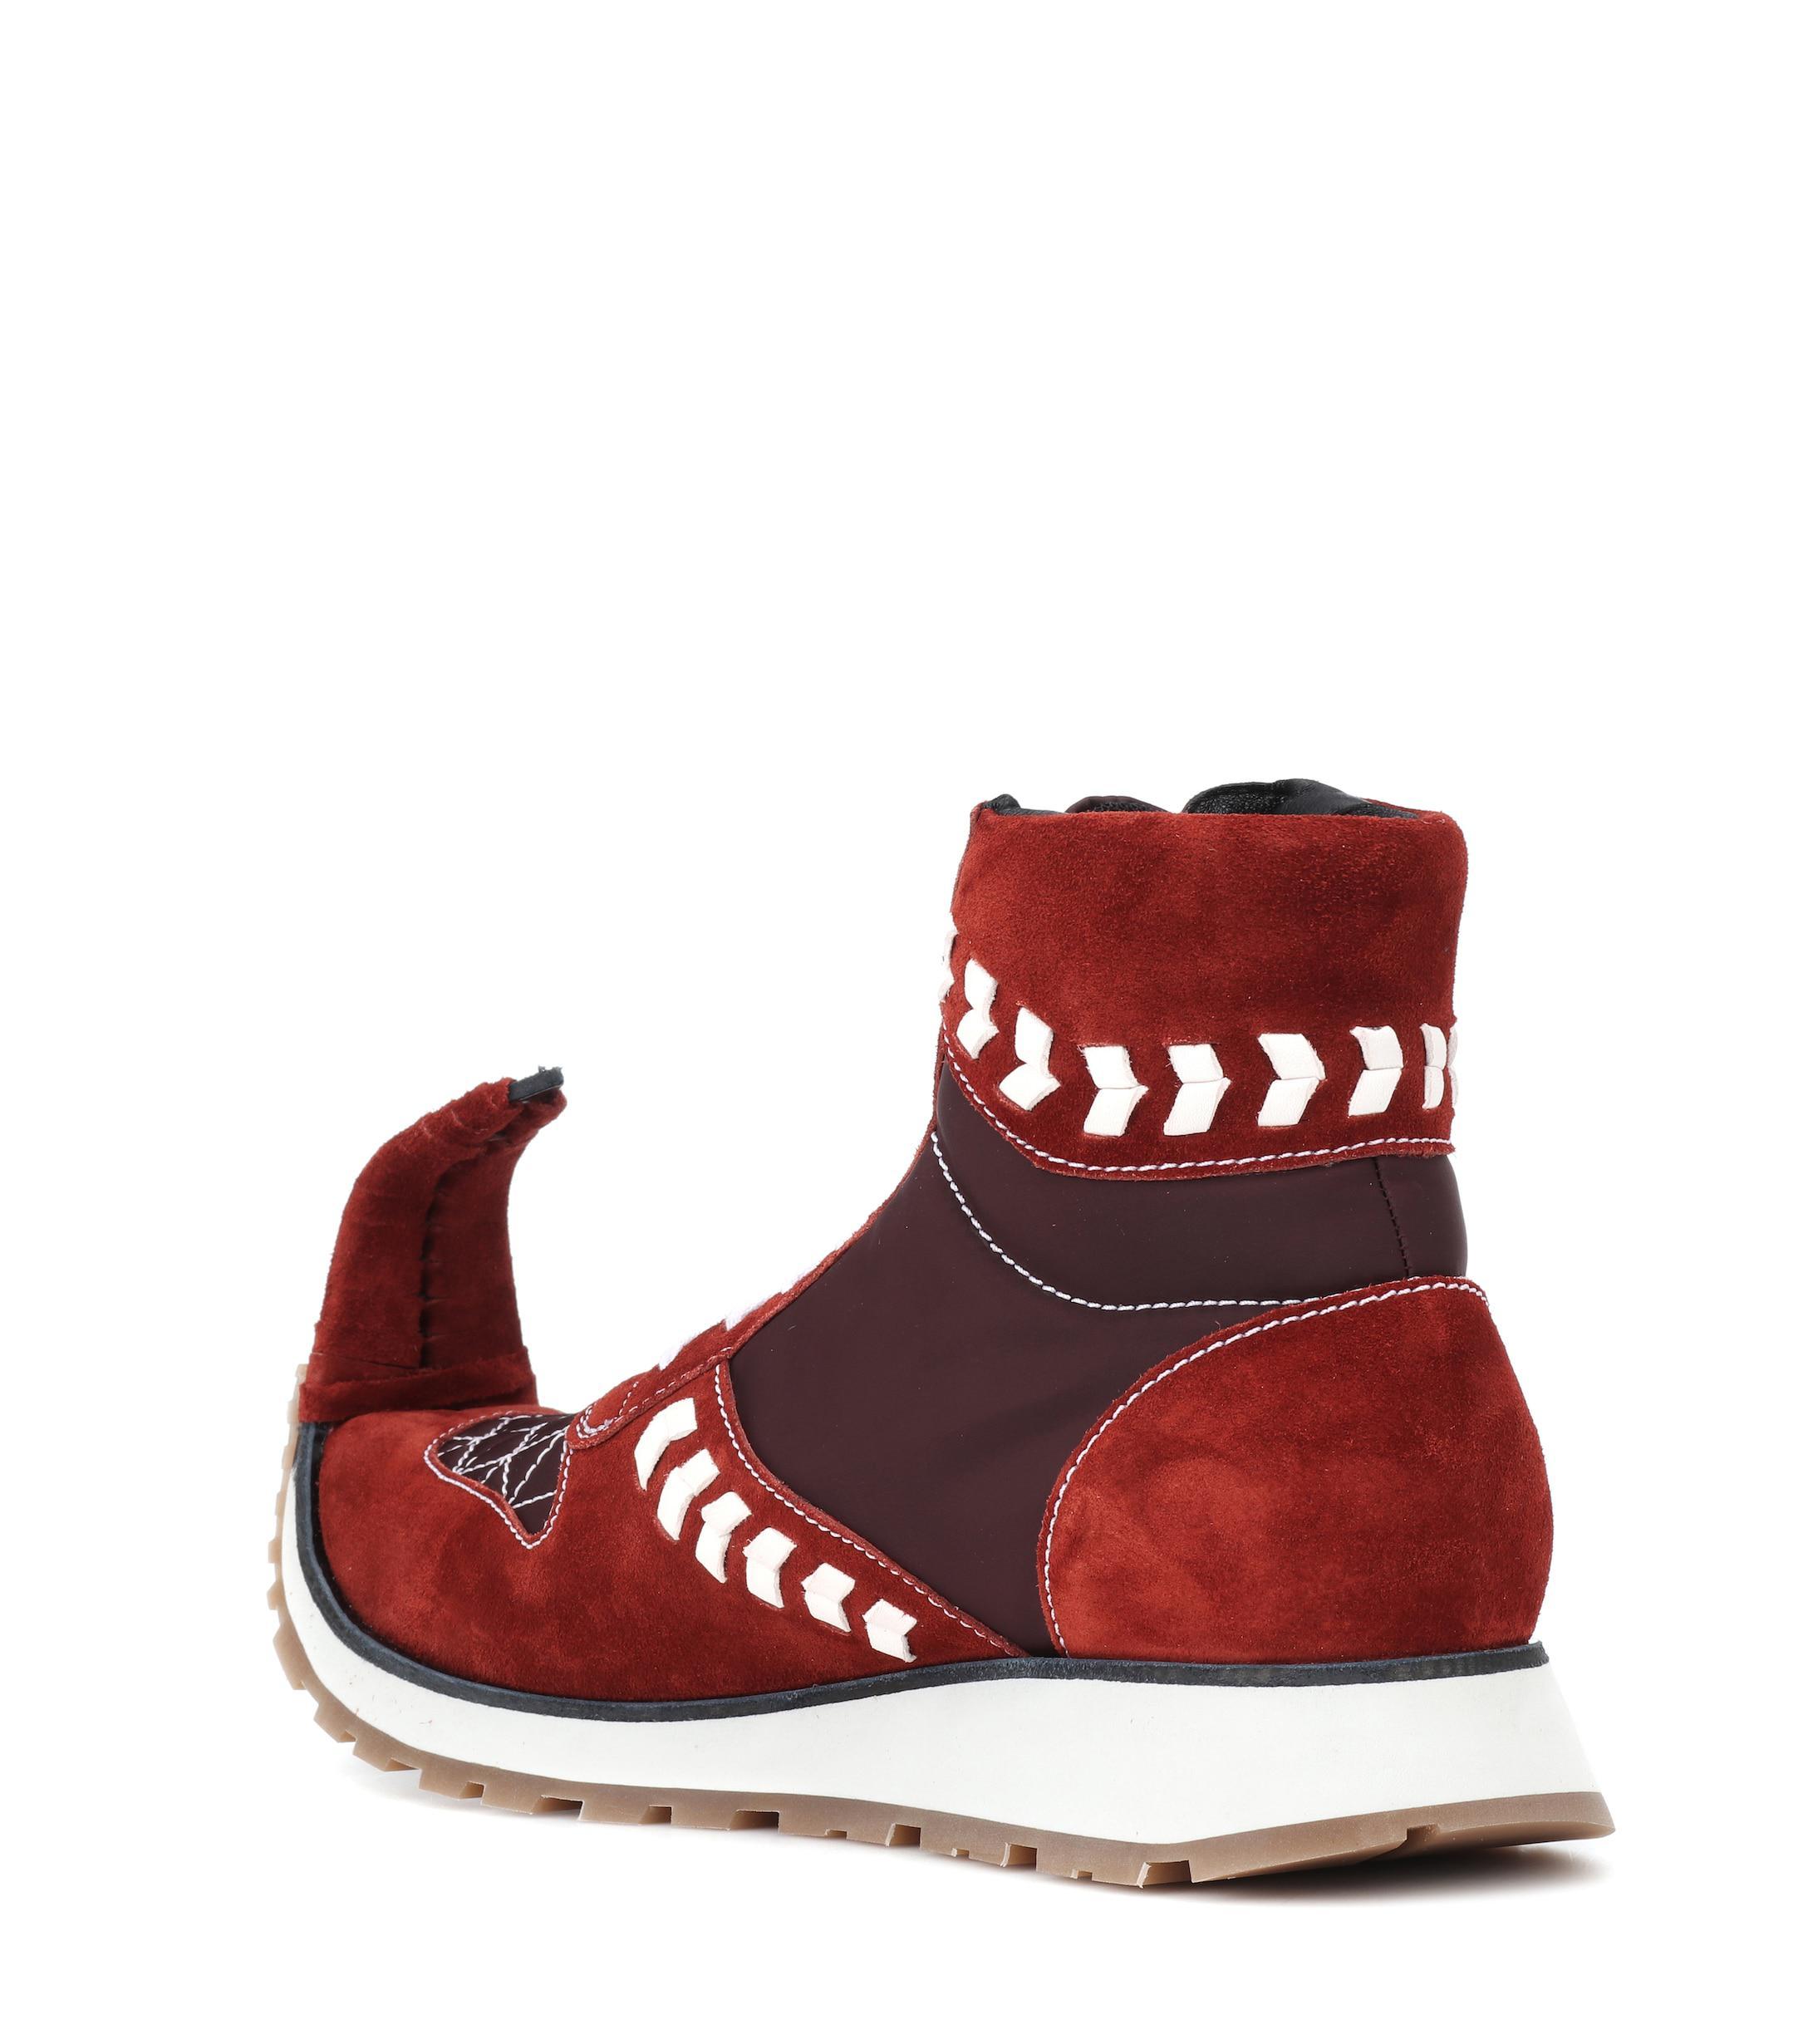 Loewe Suede Sneakers in Red